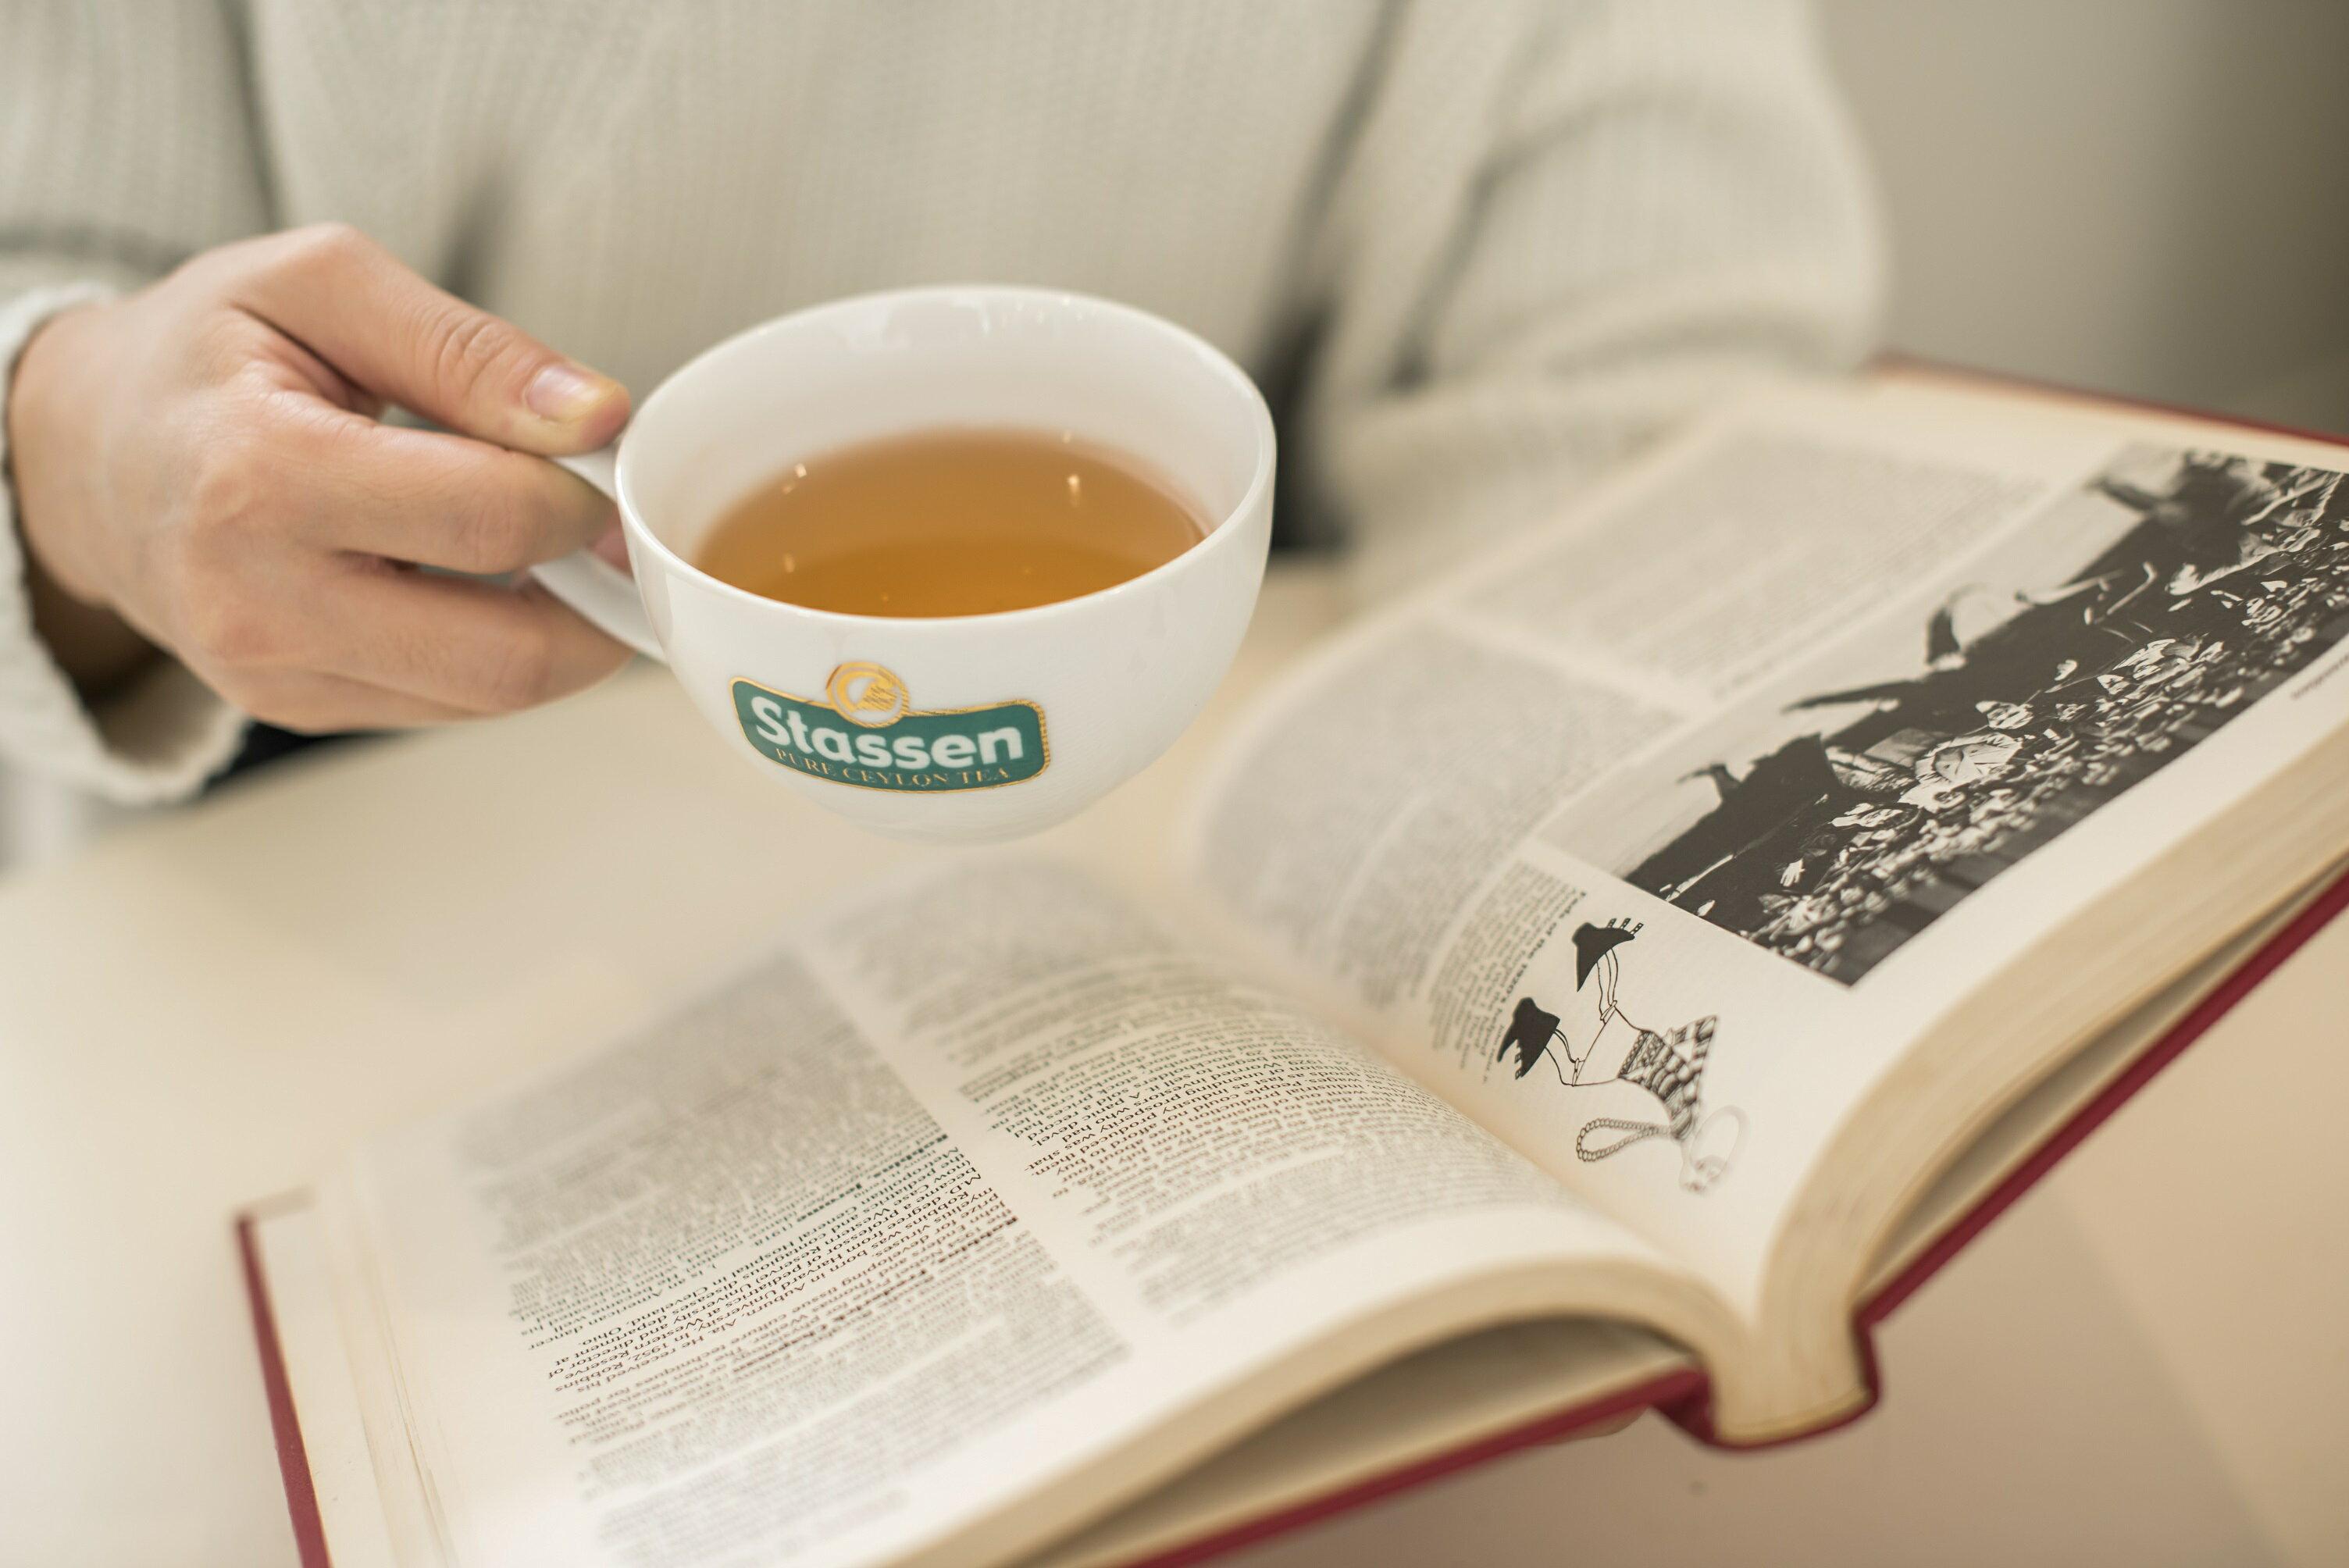 Stassen 司迪生★特級錫蘭紅茶★【25入*1盒】 1